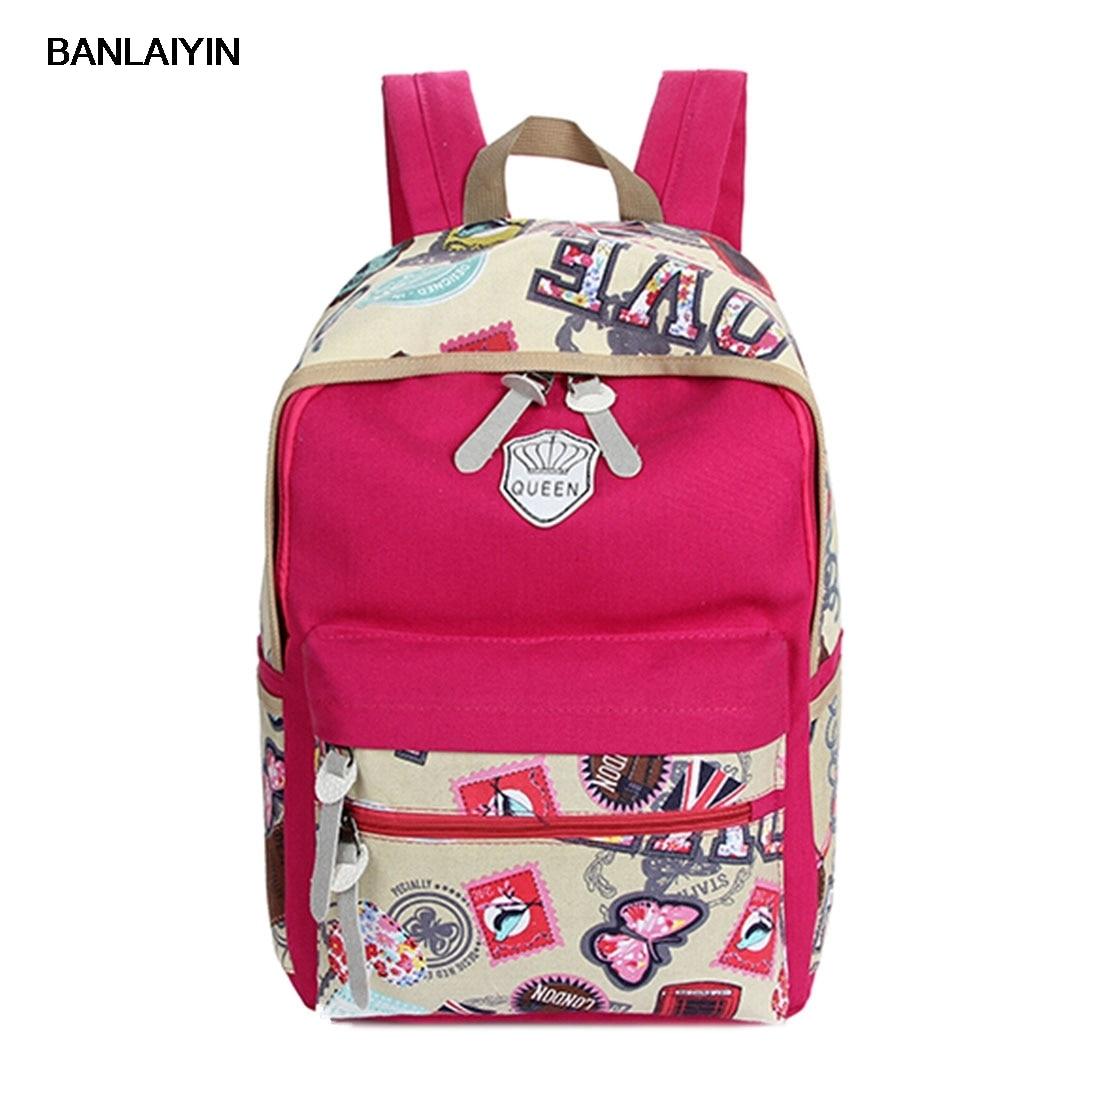 Fashion Women Canvas Travel Satchel Shoulder Bag Backpack School Rucksack